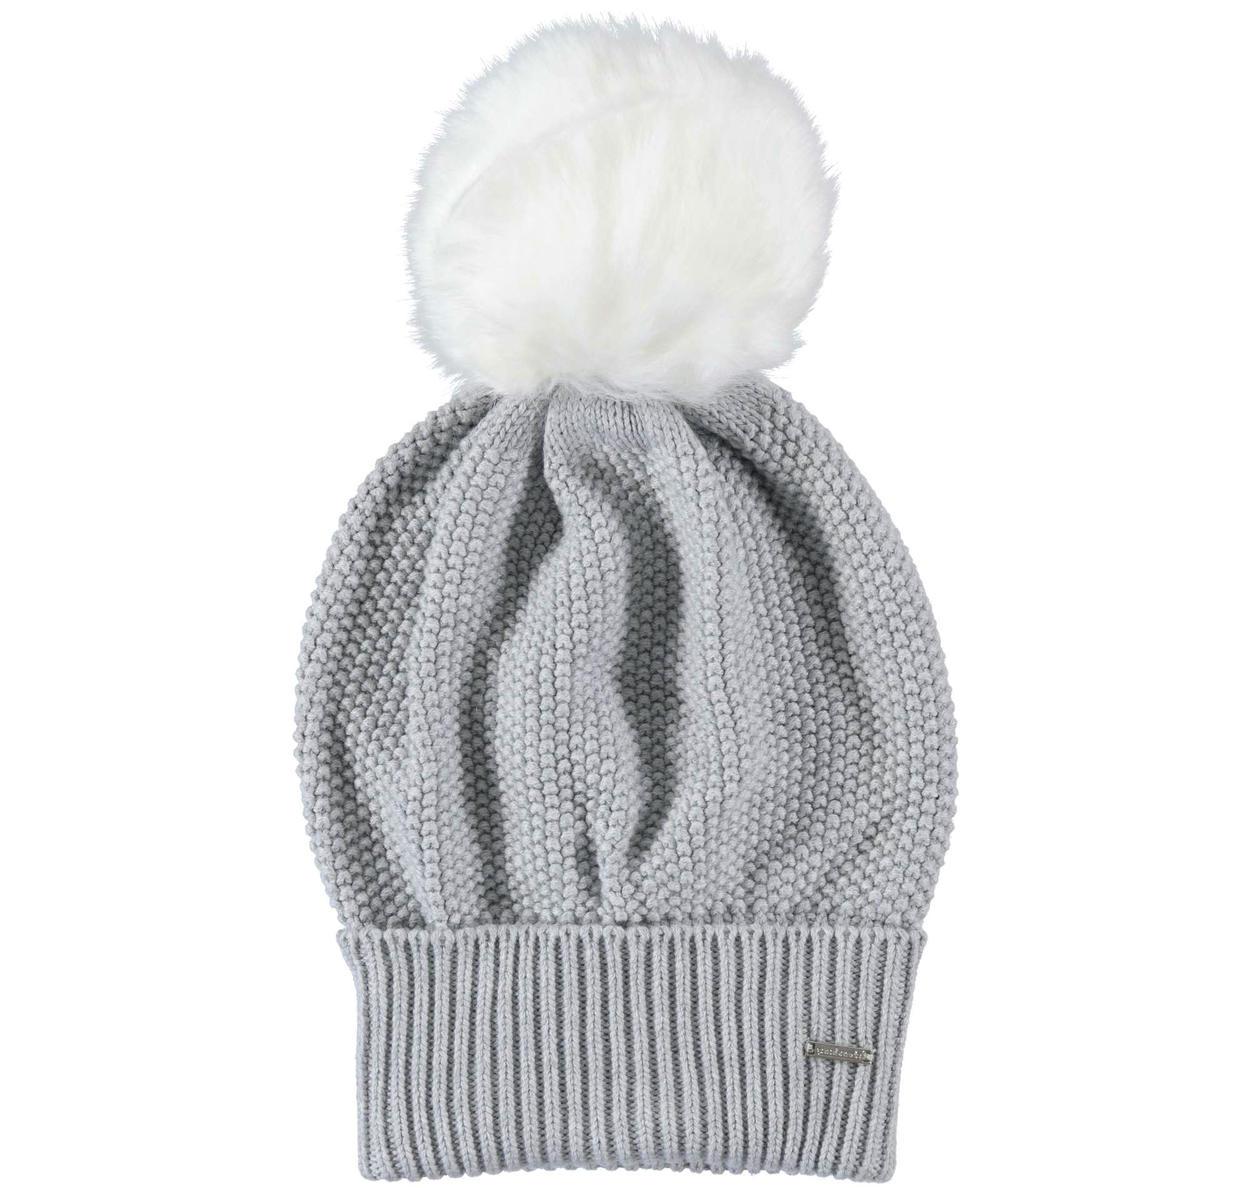 Cappello modello cuffia con pon pon per bambina da 6 a 16 anni Sarabanda 98b32235ce96